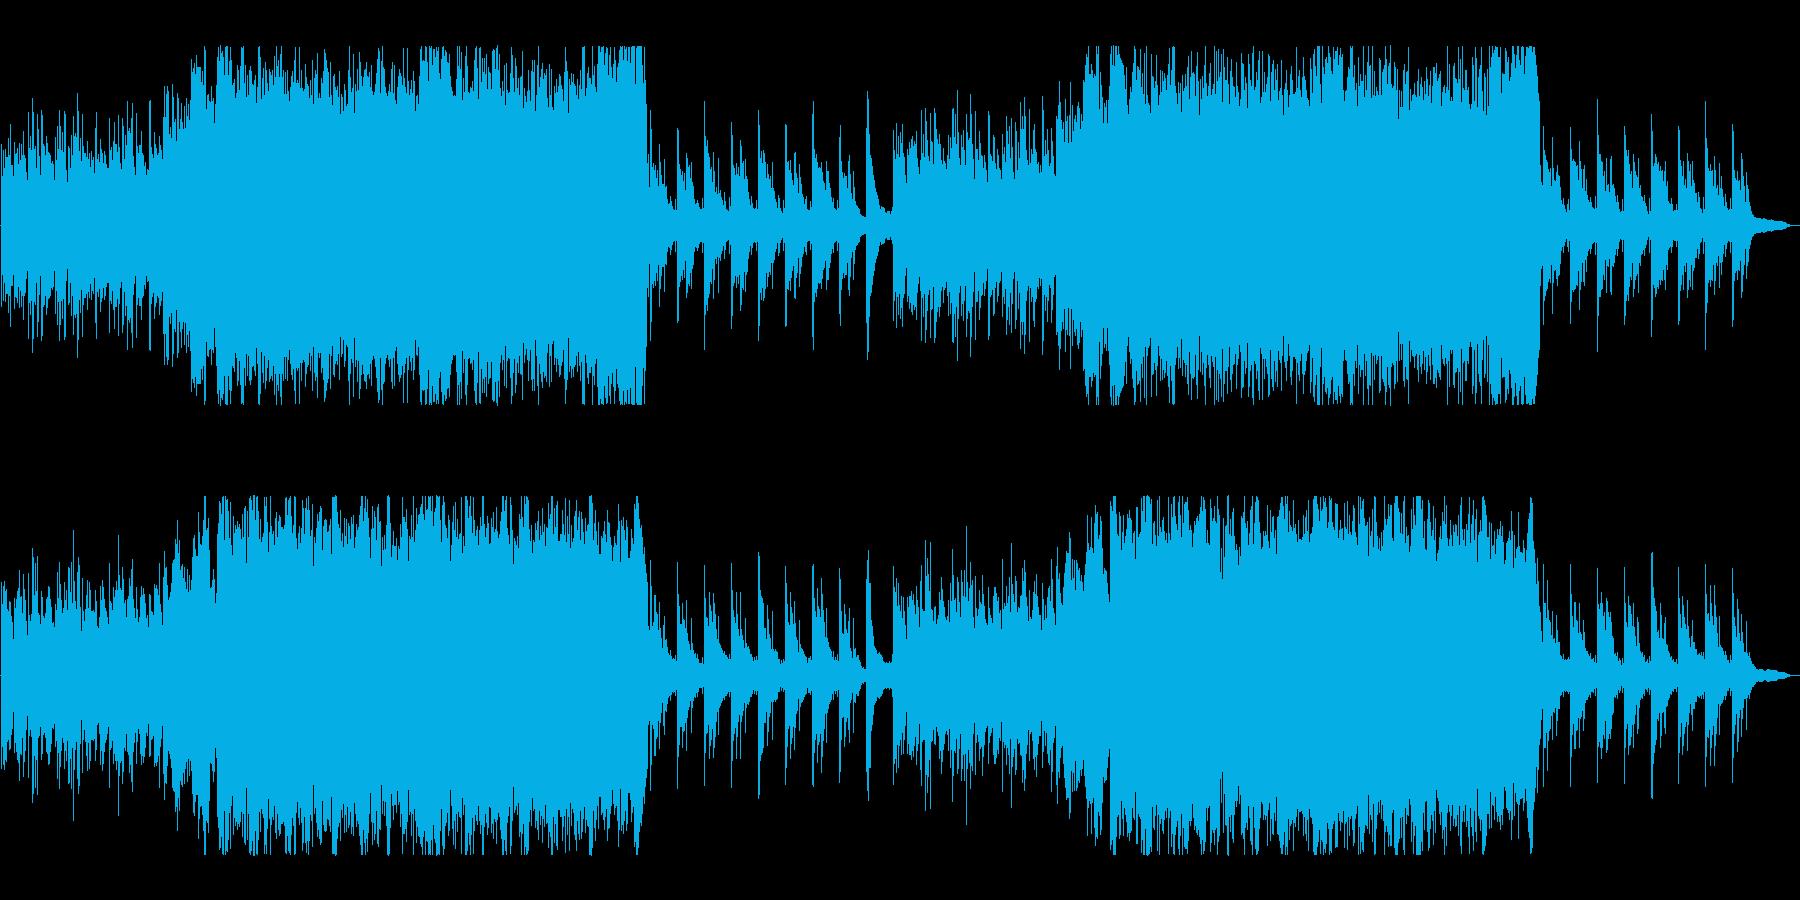 幻想的、感動的なファンタジーオーケストラの再生済みの波形